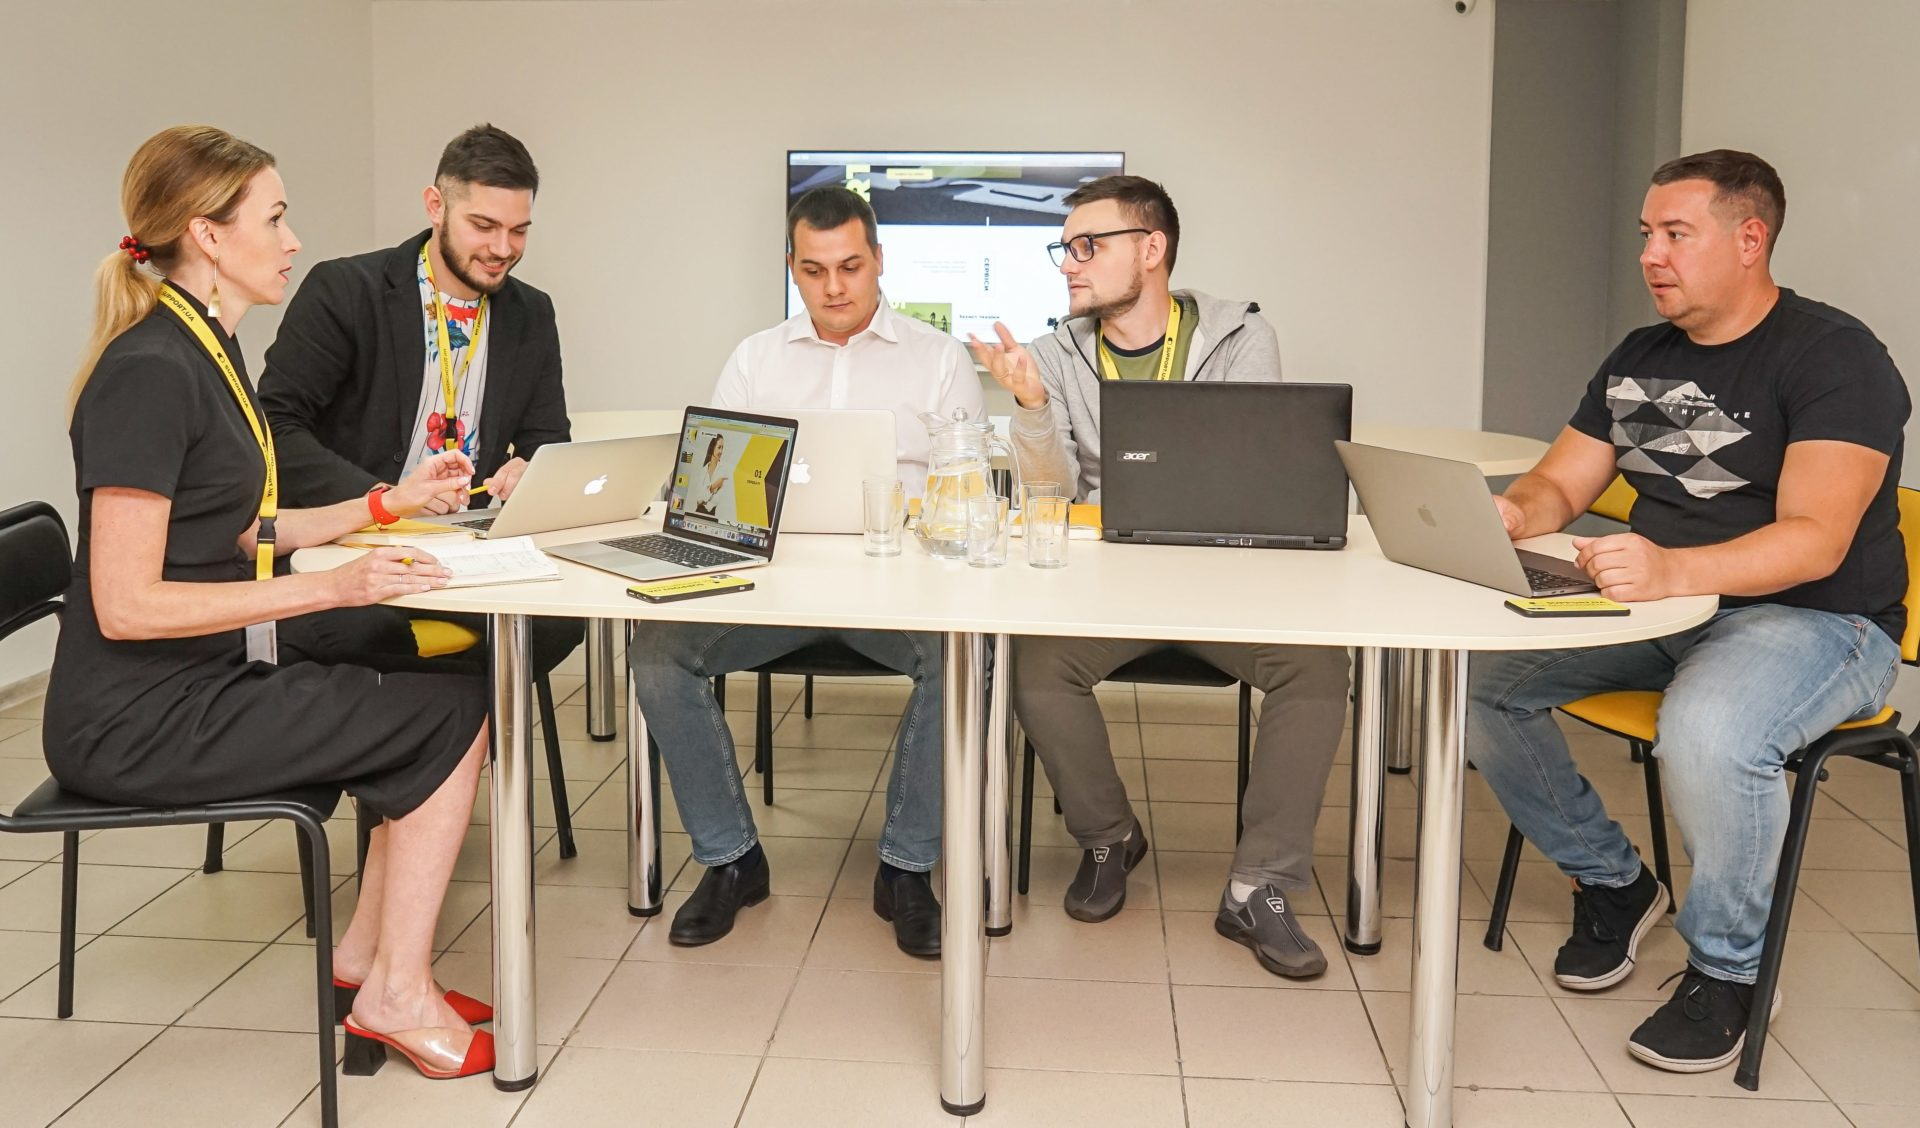 Продажи гарантийных сервисов в Rozetka выросли на 35% за два года. Как это работает?